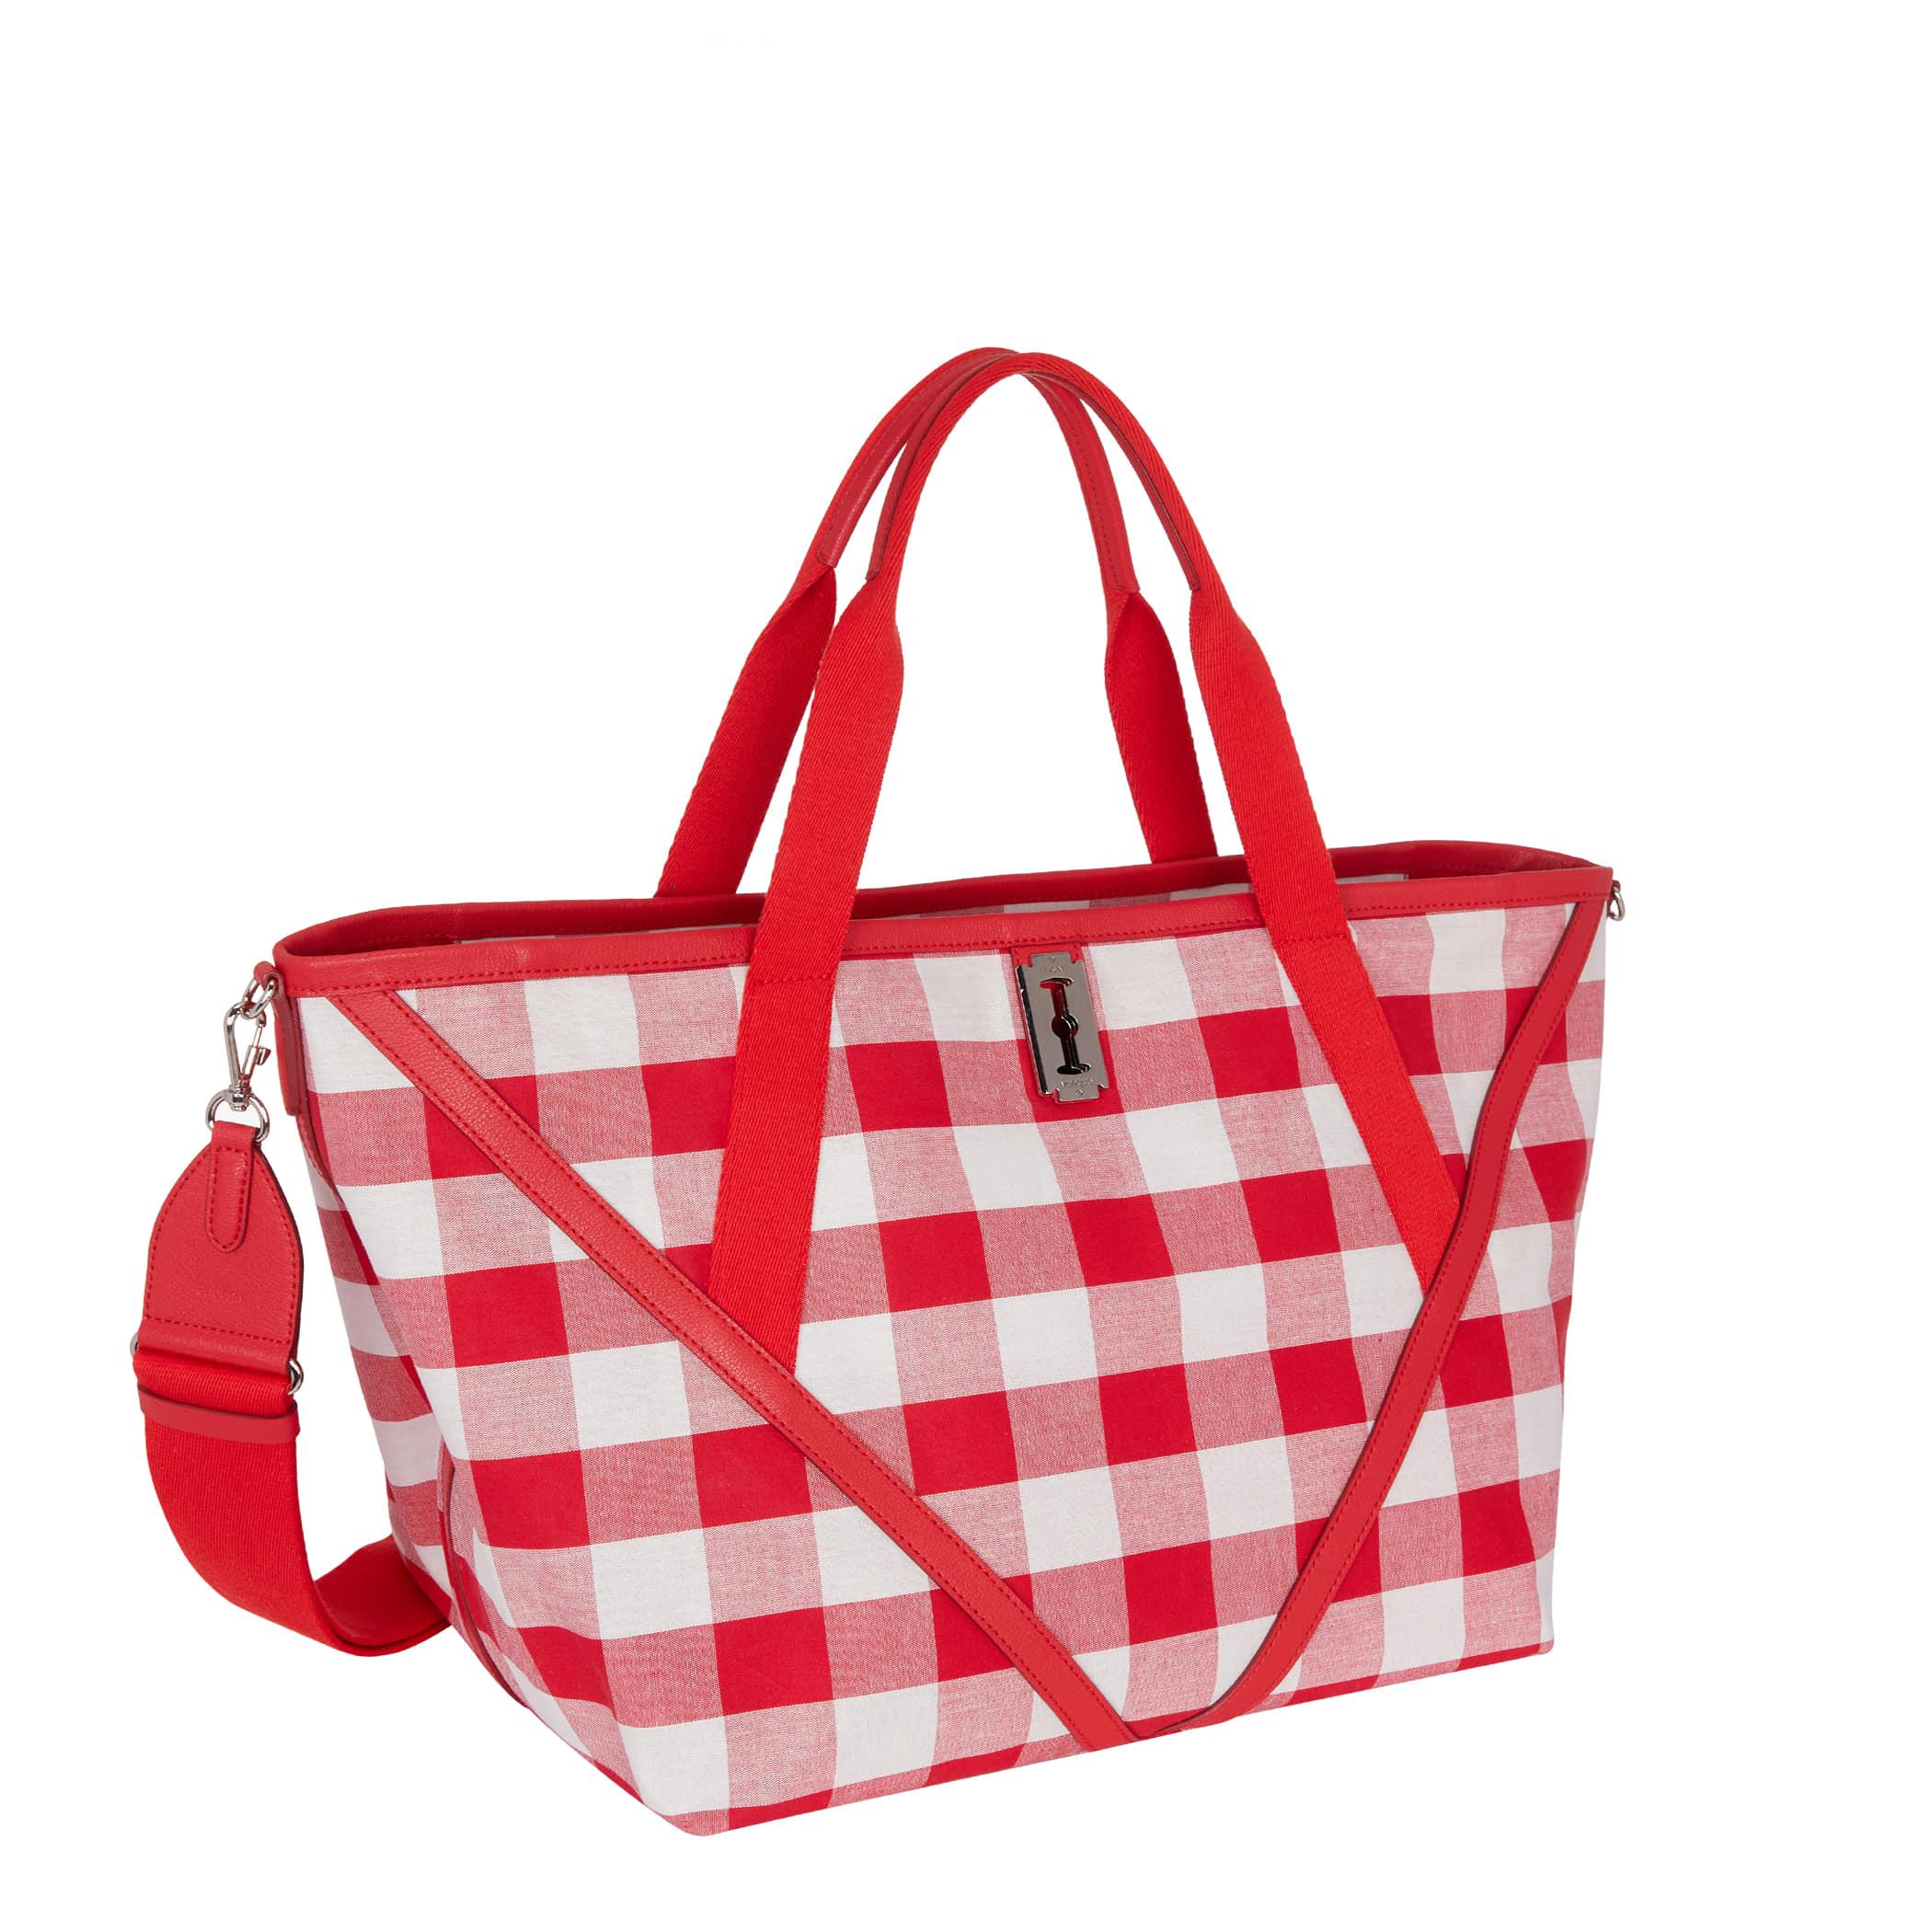 Hey V Tote Picnic Bag (헤이 브이 토트 피크닉 백) Red